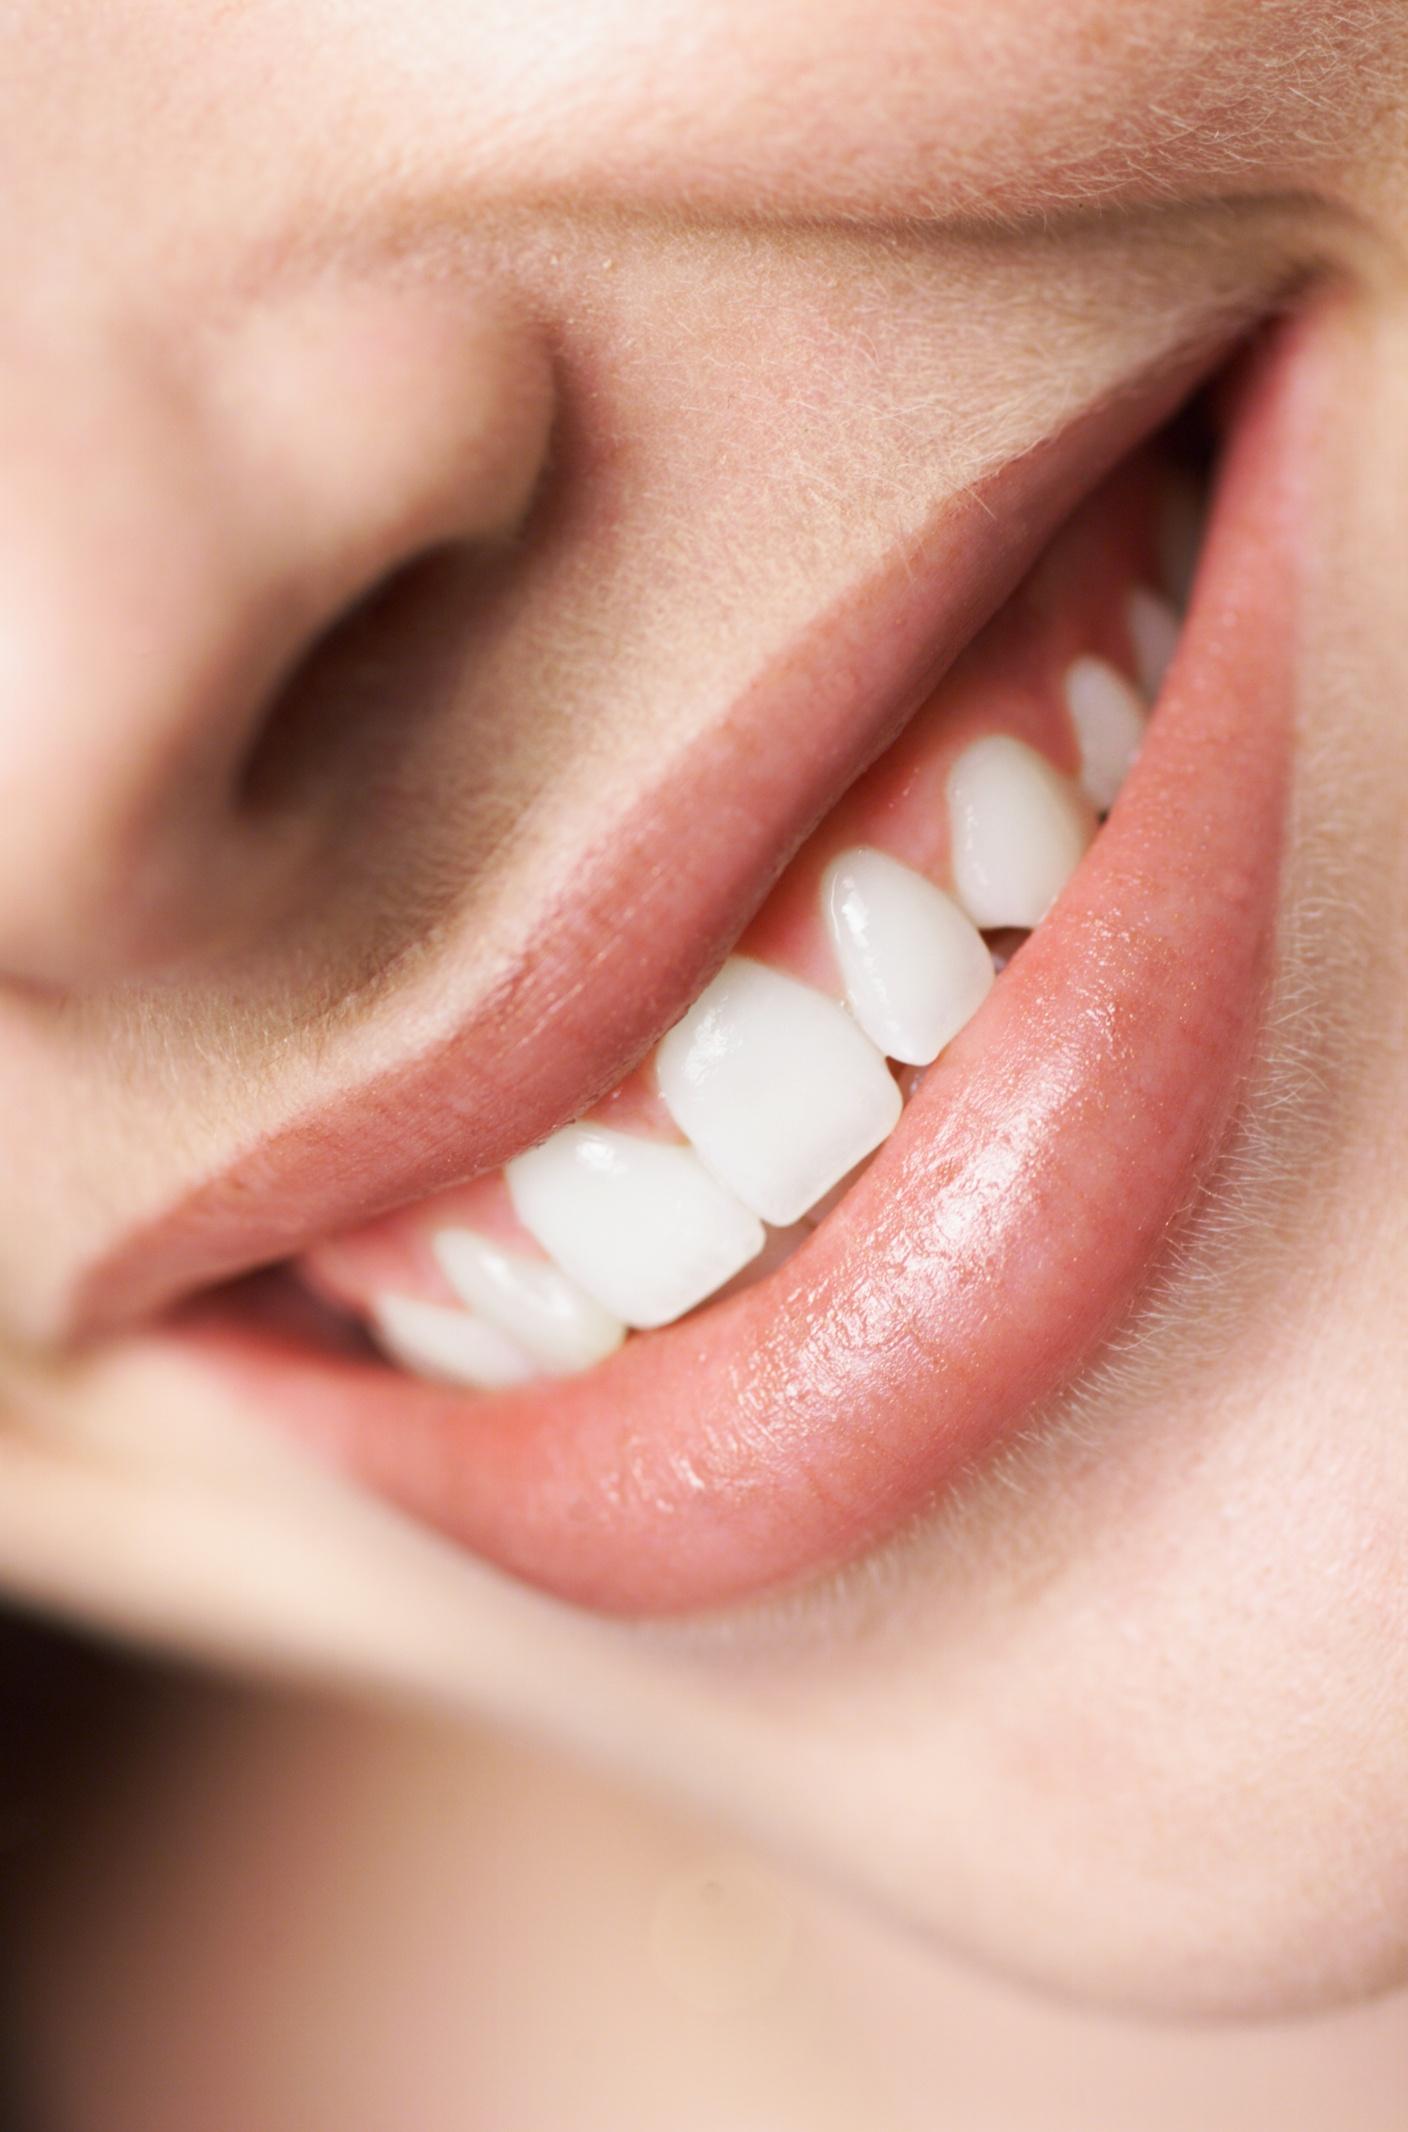 rbb2_43_White_Smile-2.jpg